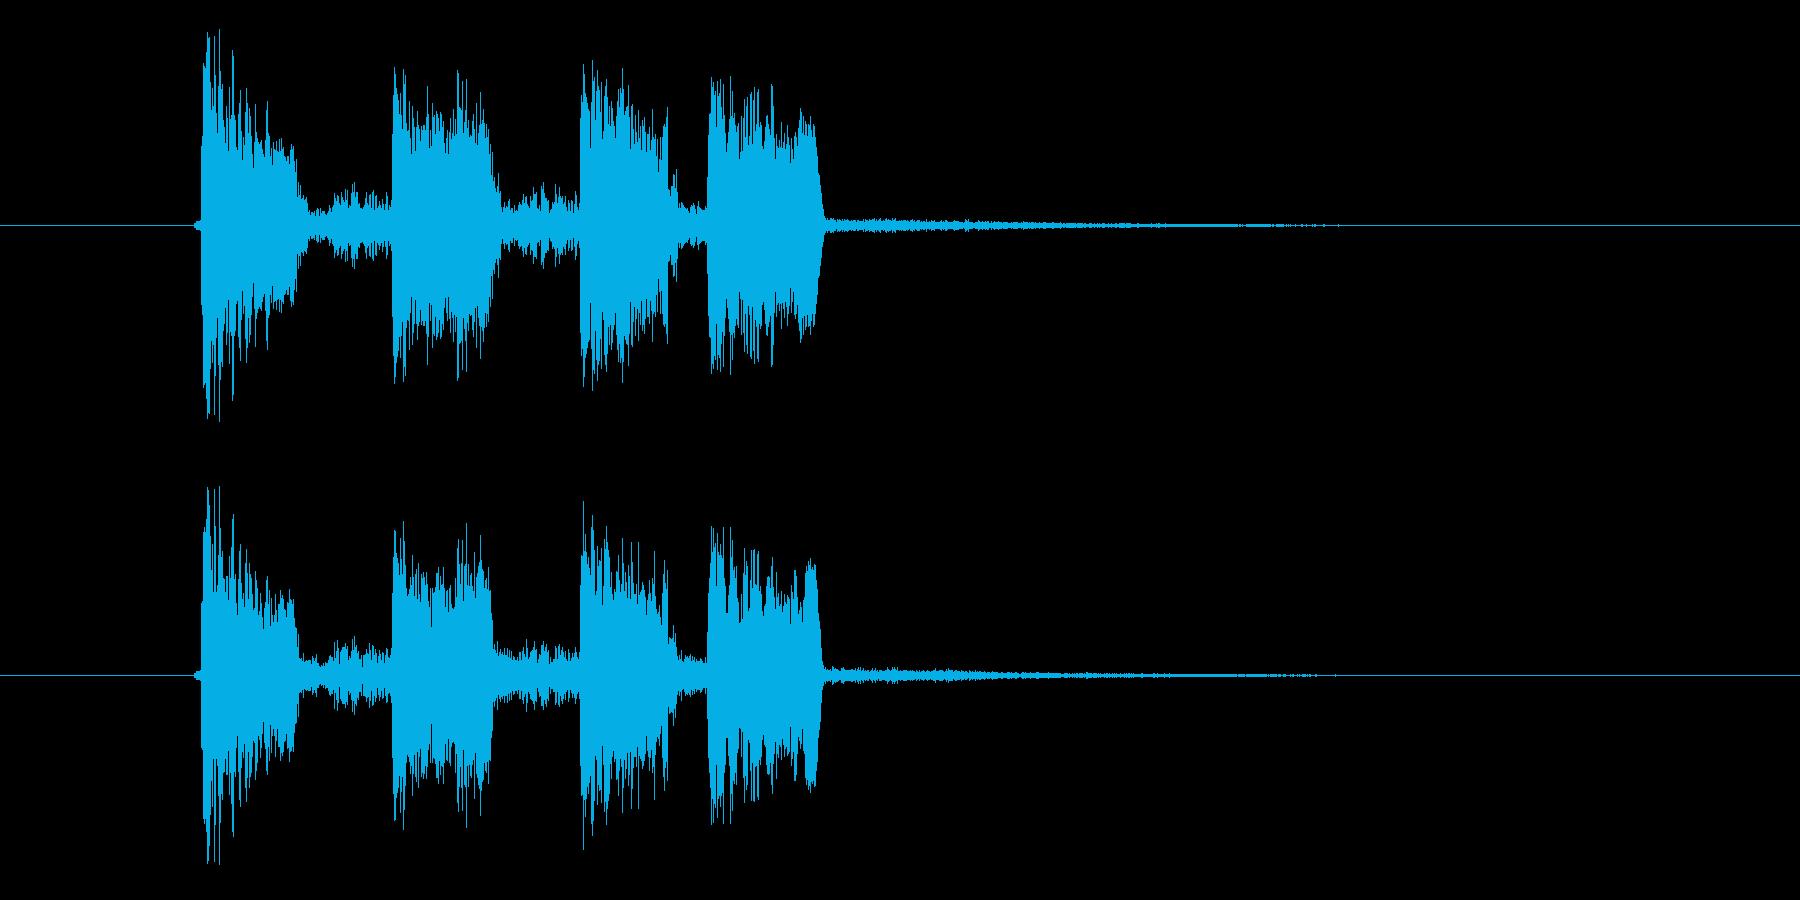 ズチャチャチャ(エレクトーン音)の再生済みの波形